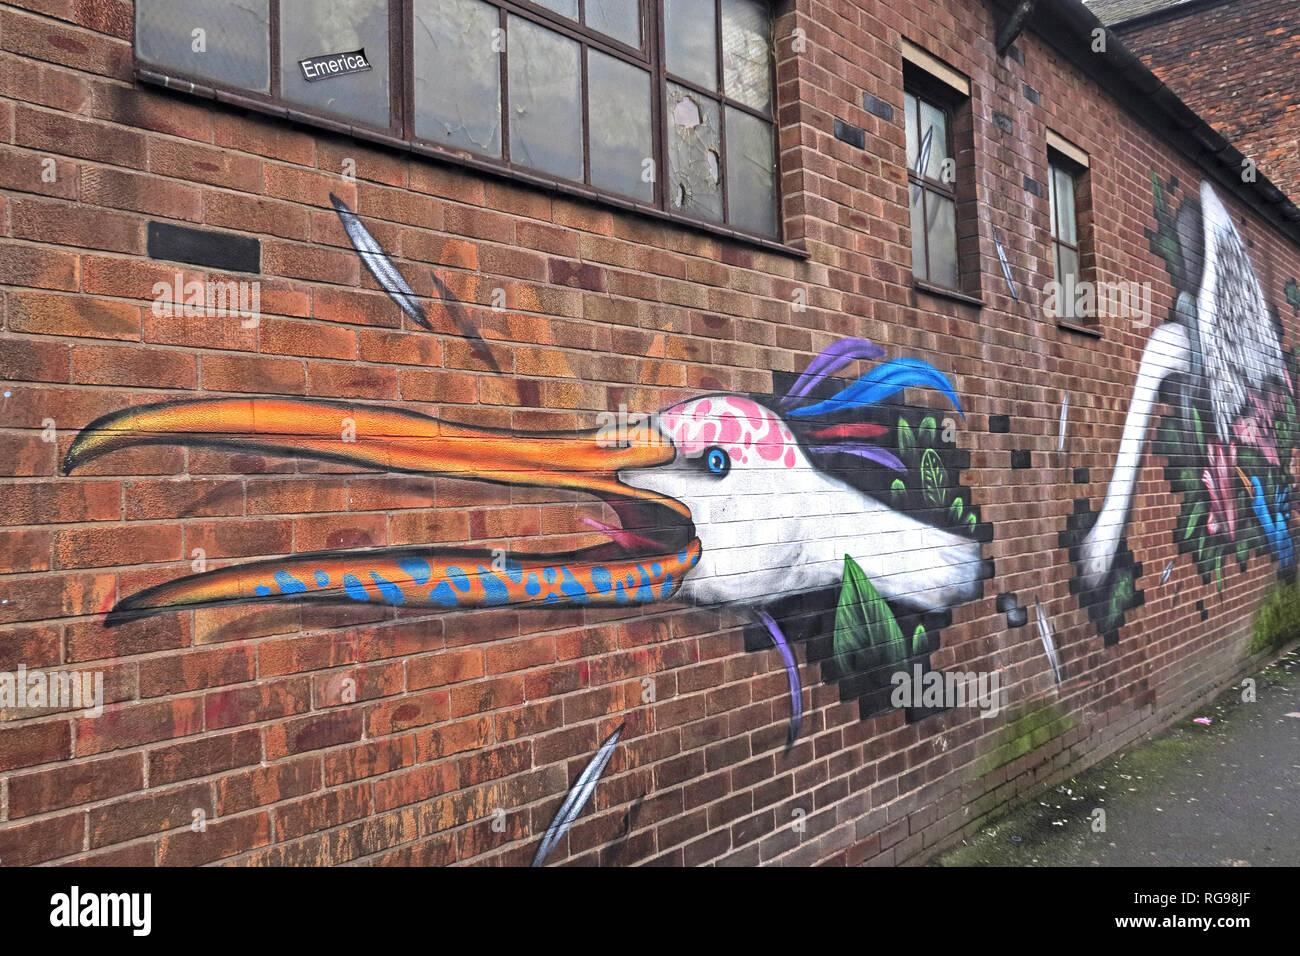 Laden Sie dieses Alamy Stockfoto Emerica Werk arbeitet, Vogel Kunst, Cross Keys St, Northern Quarter, Manchester, Stadtzentrum, North West England, UK, M 4 5 ET - RG98JF